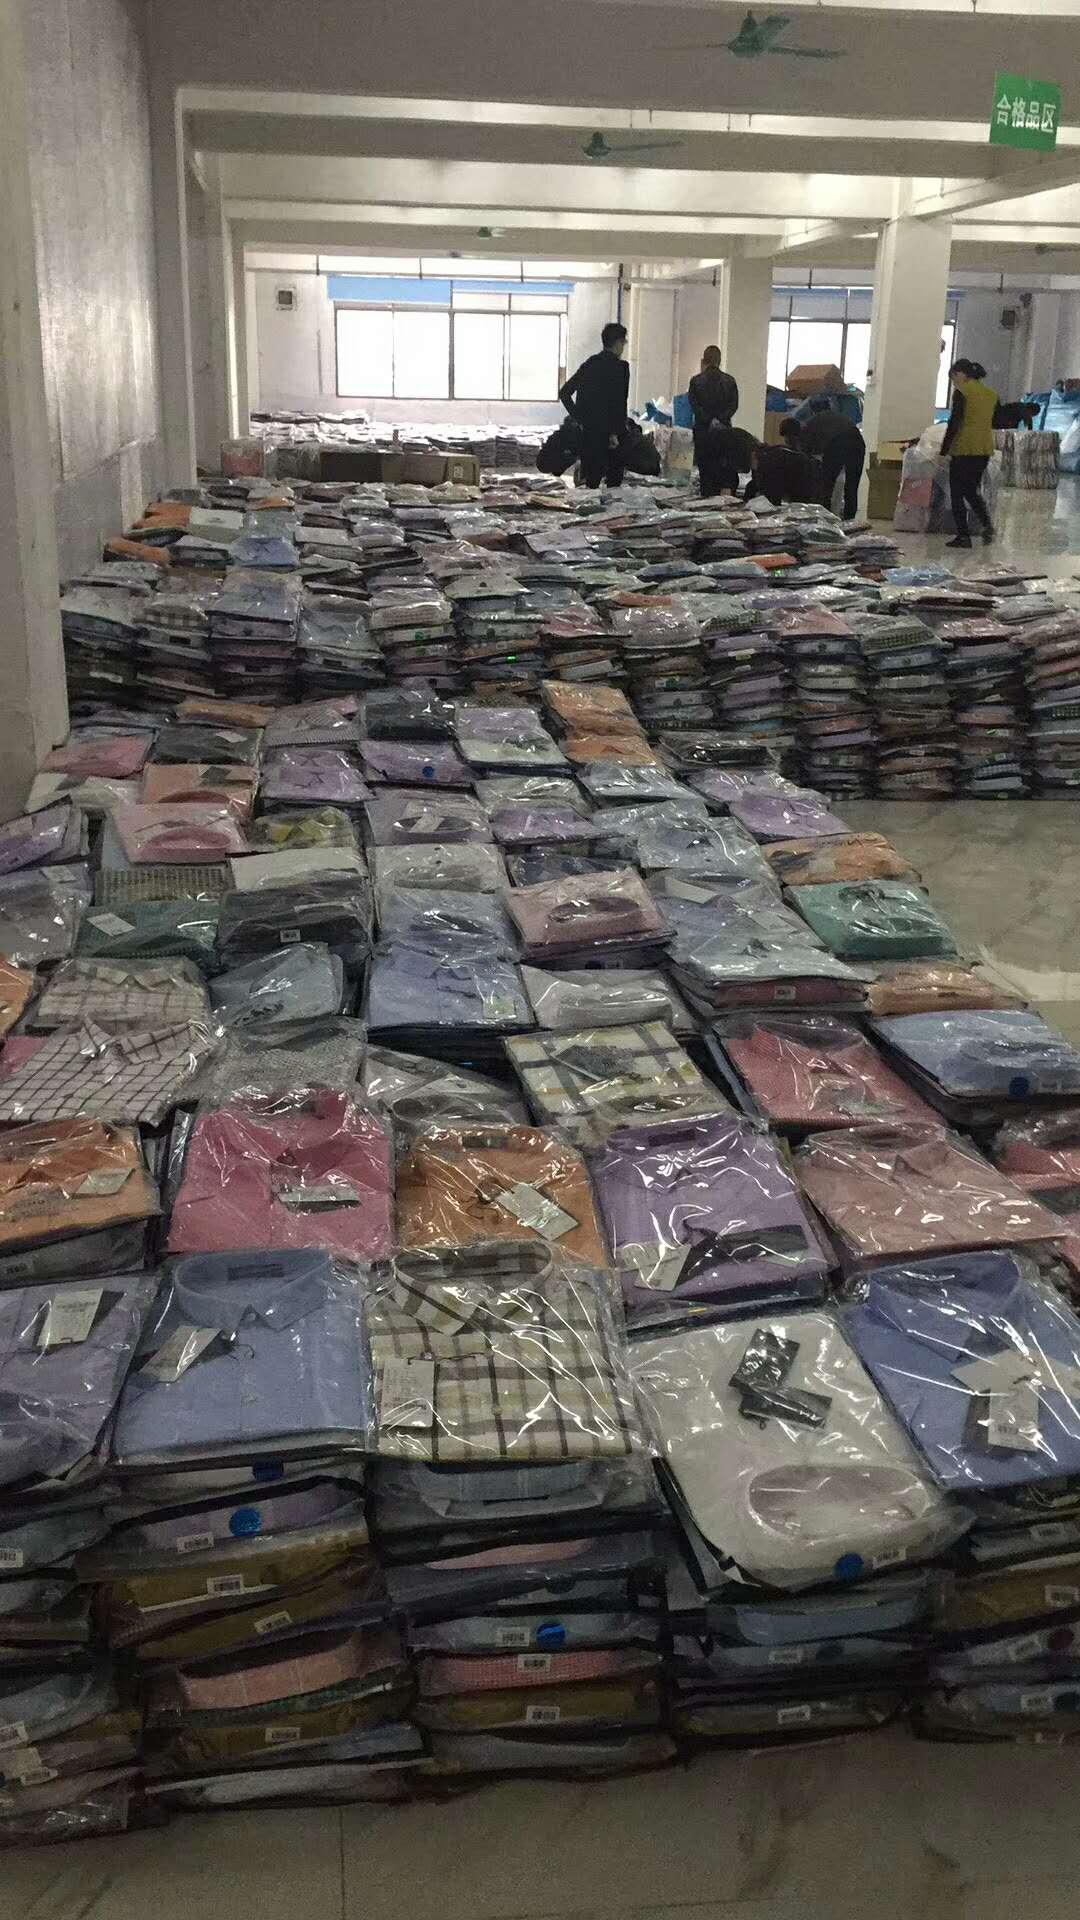 北京品牌男装尾货批发进货货源比较好就在名都汇